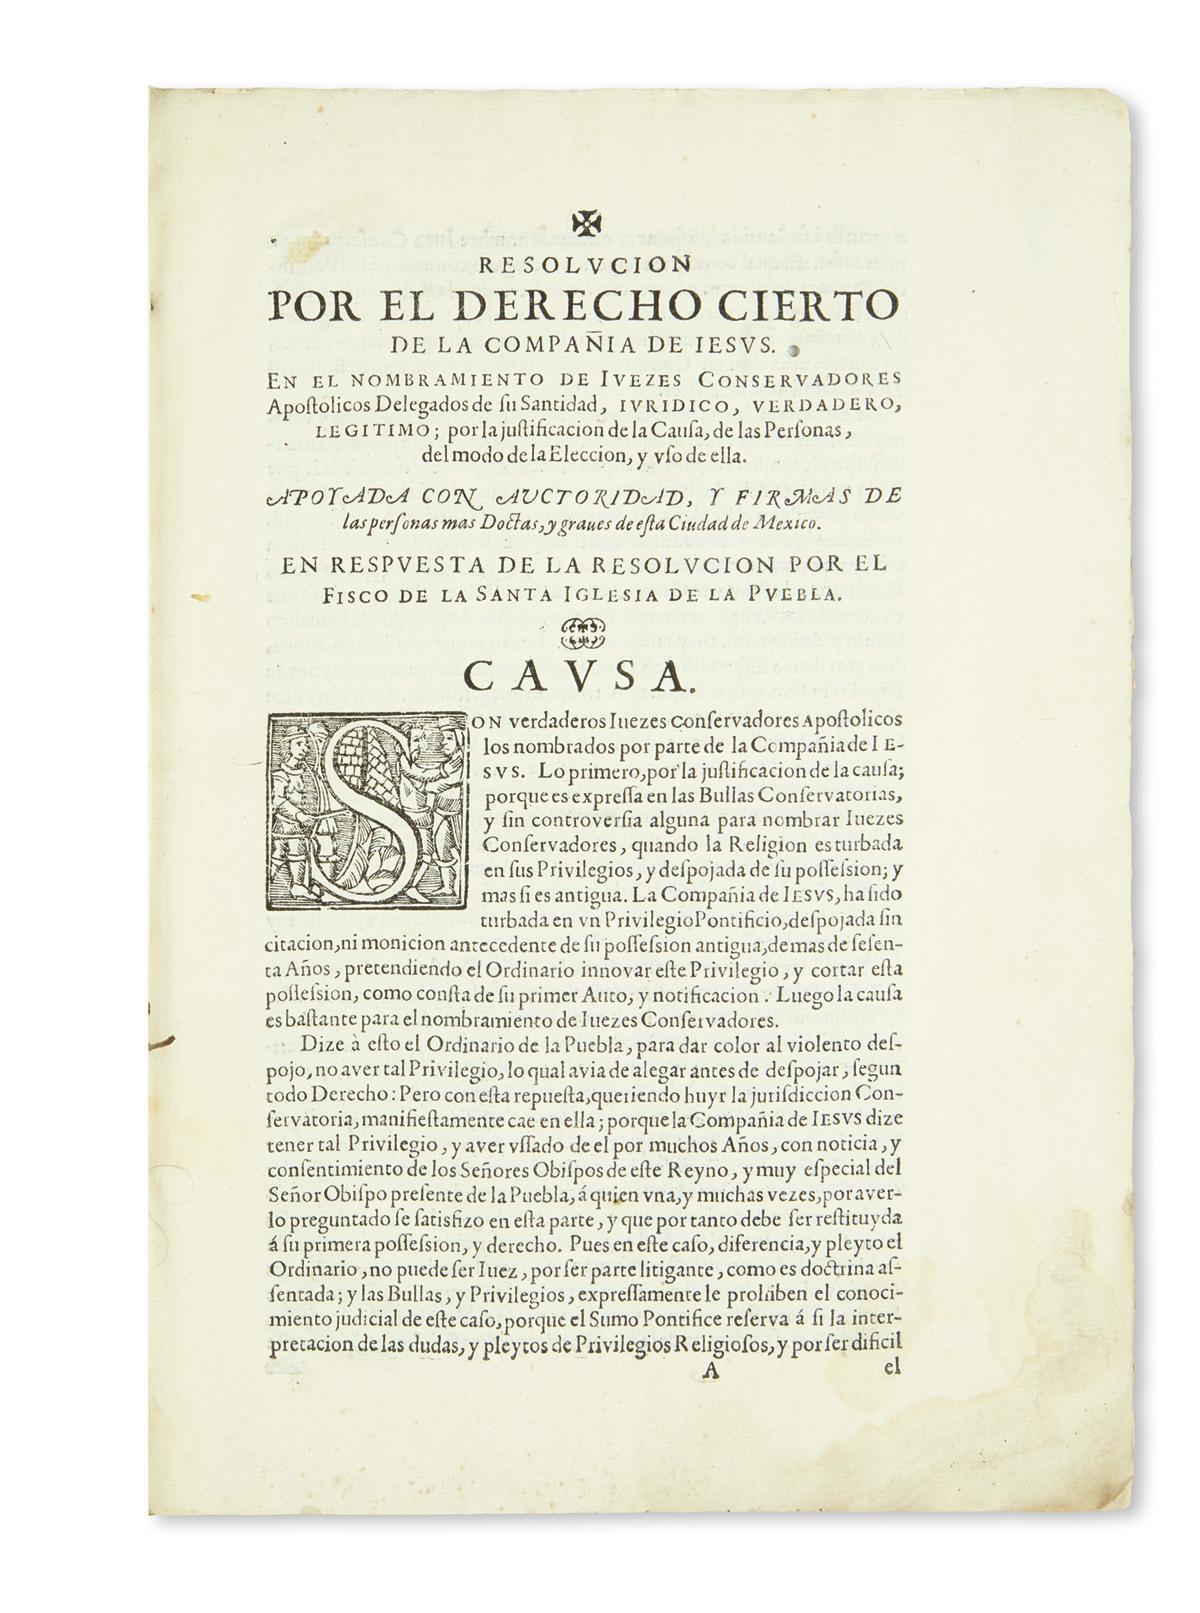 (MEXICAN-IMPRINT--1647)-Resolucion-por-el-derecho-cierto-de-